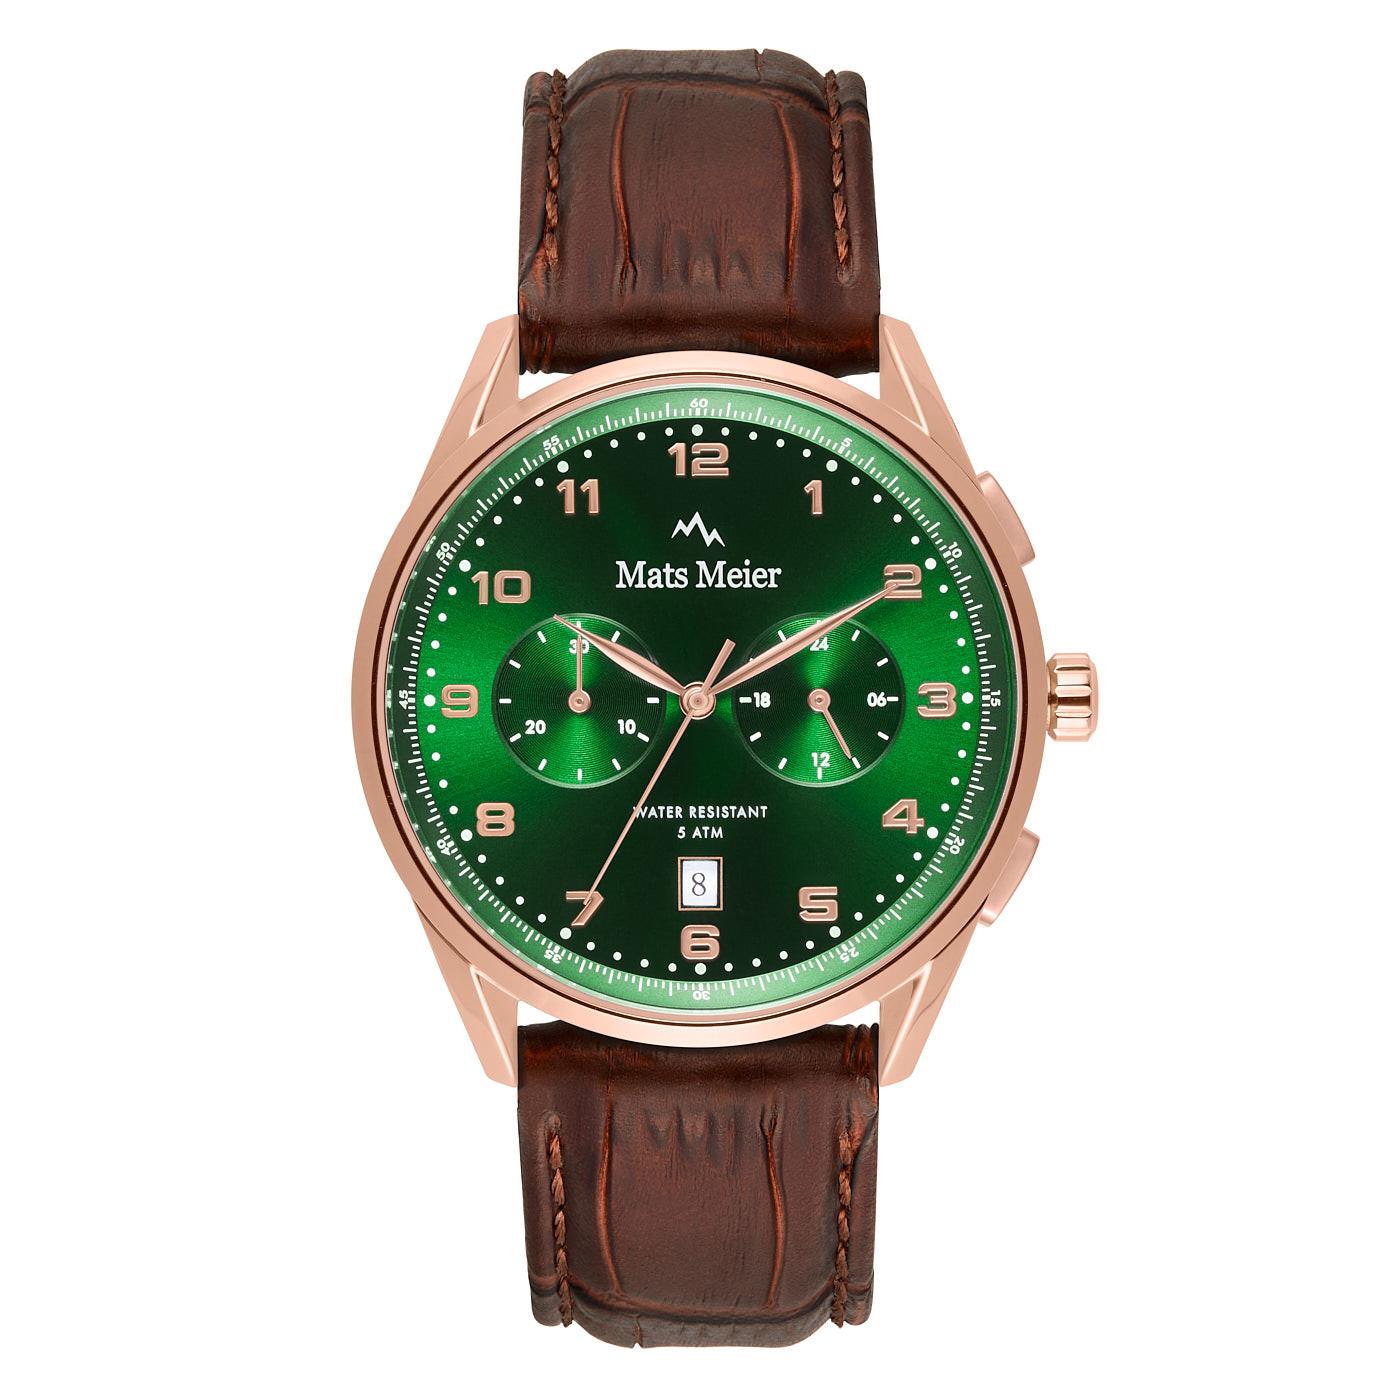 Mats Meier Mont Vélan chronograaf horloge groen/rosé/bruin